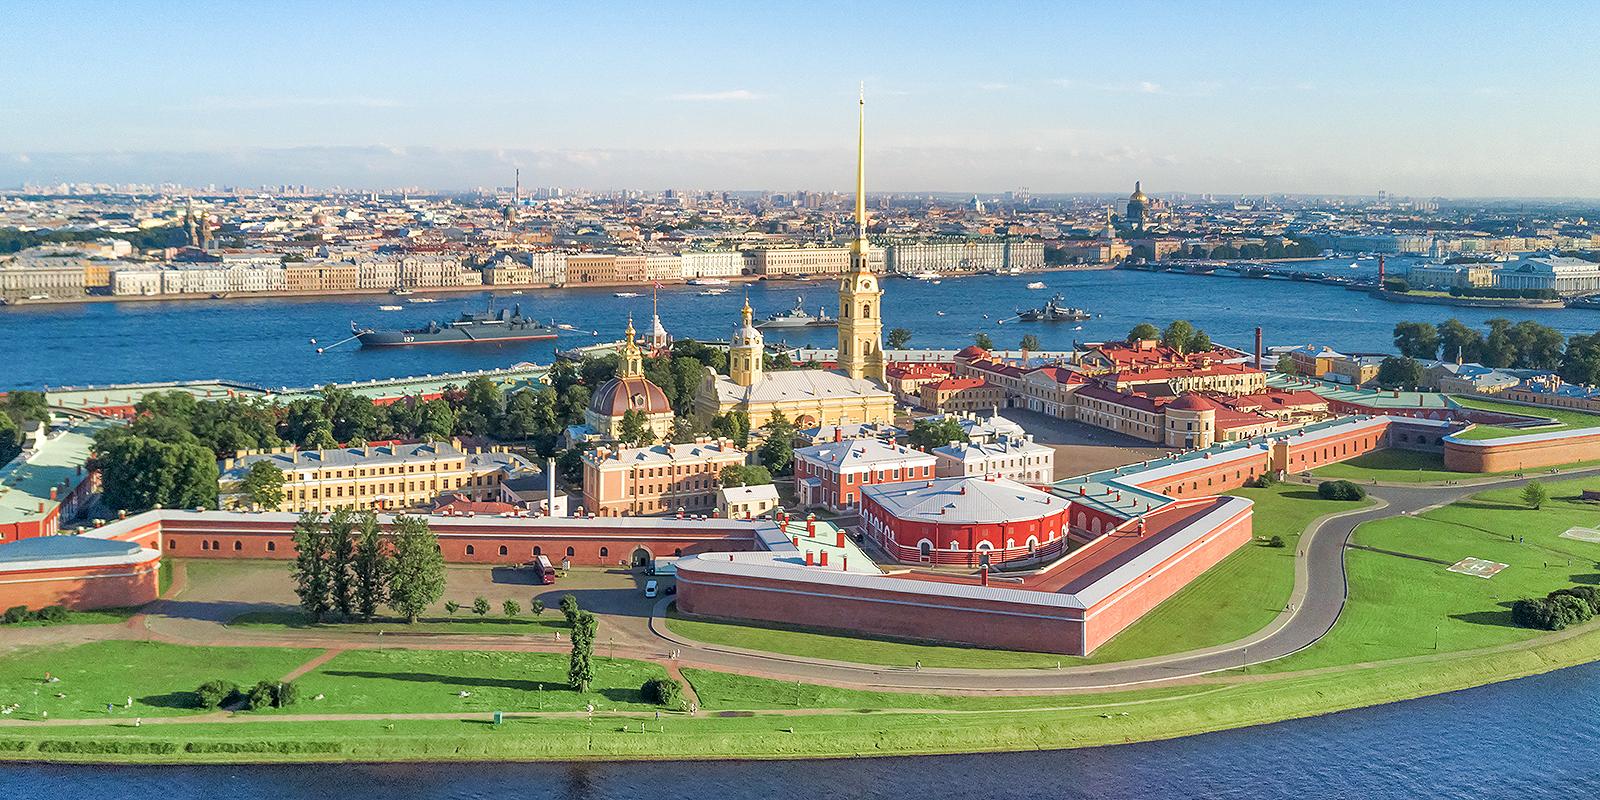 В сервисе Russpass появилось 15 аудиоэкскурсий по Санкт-Петербургу